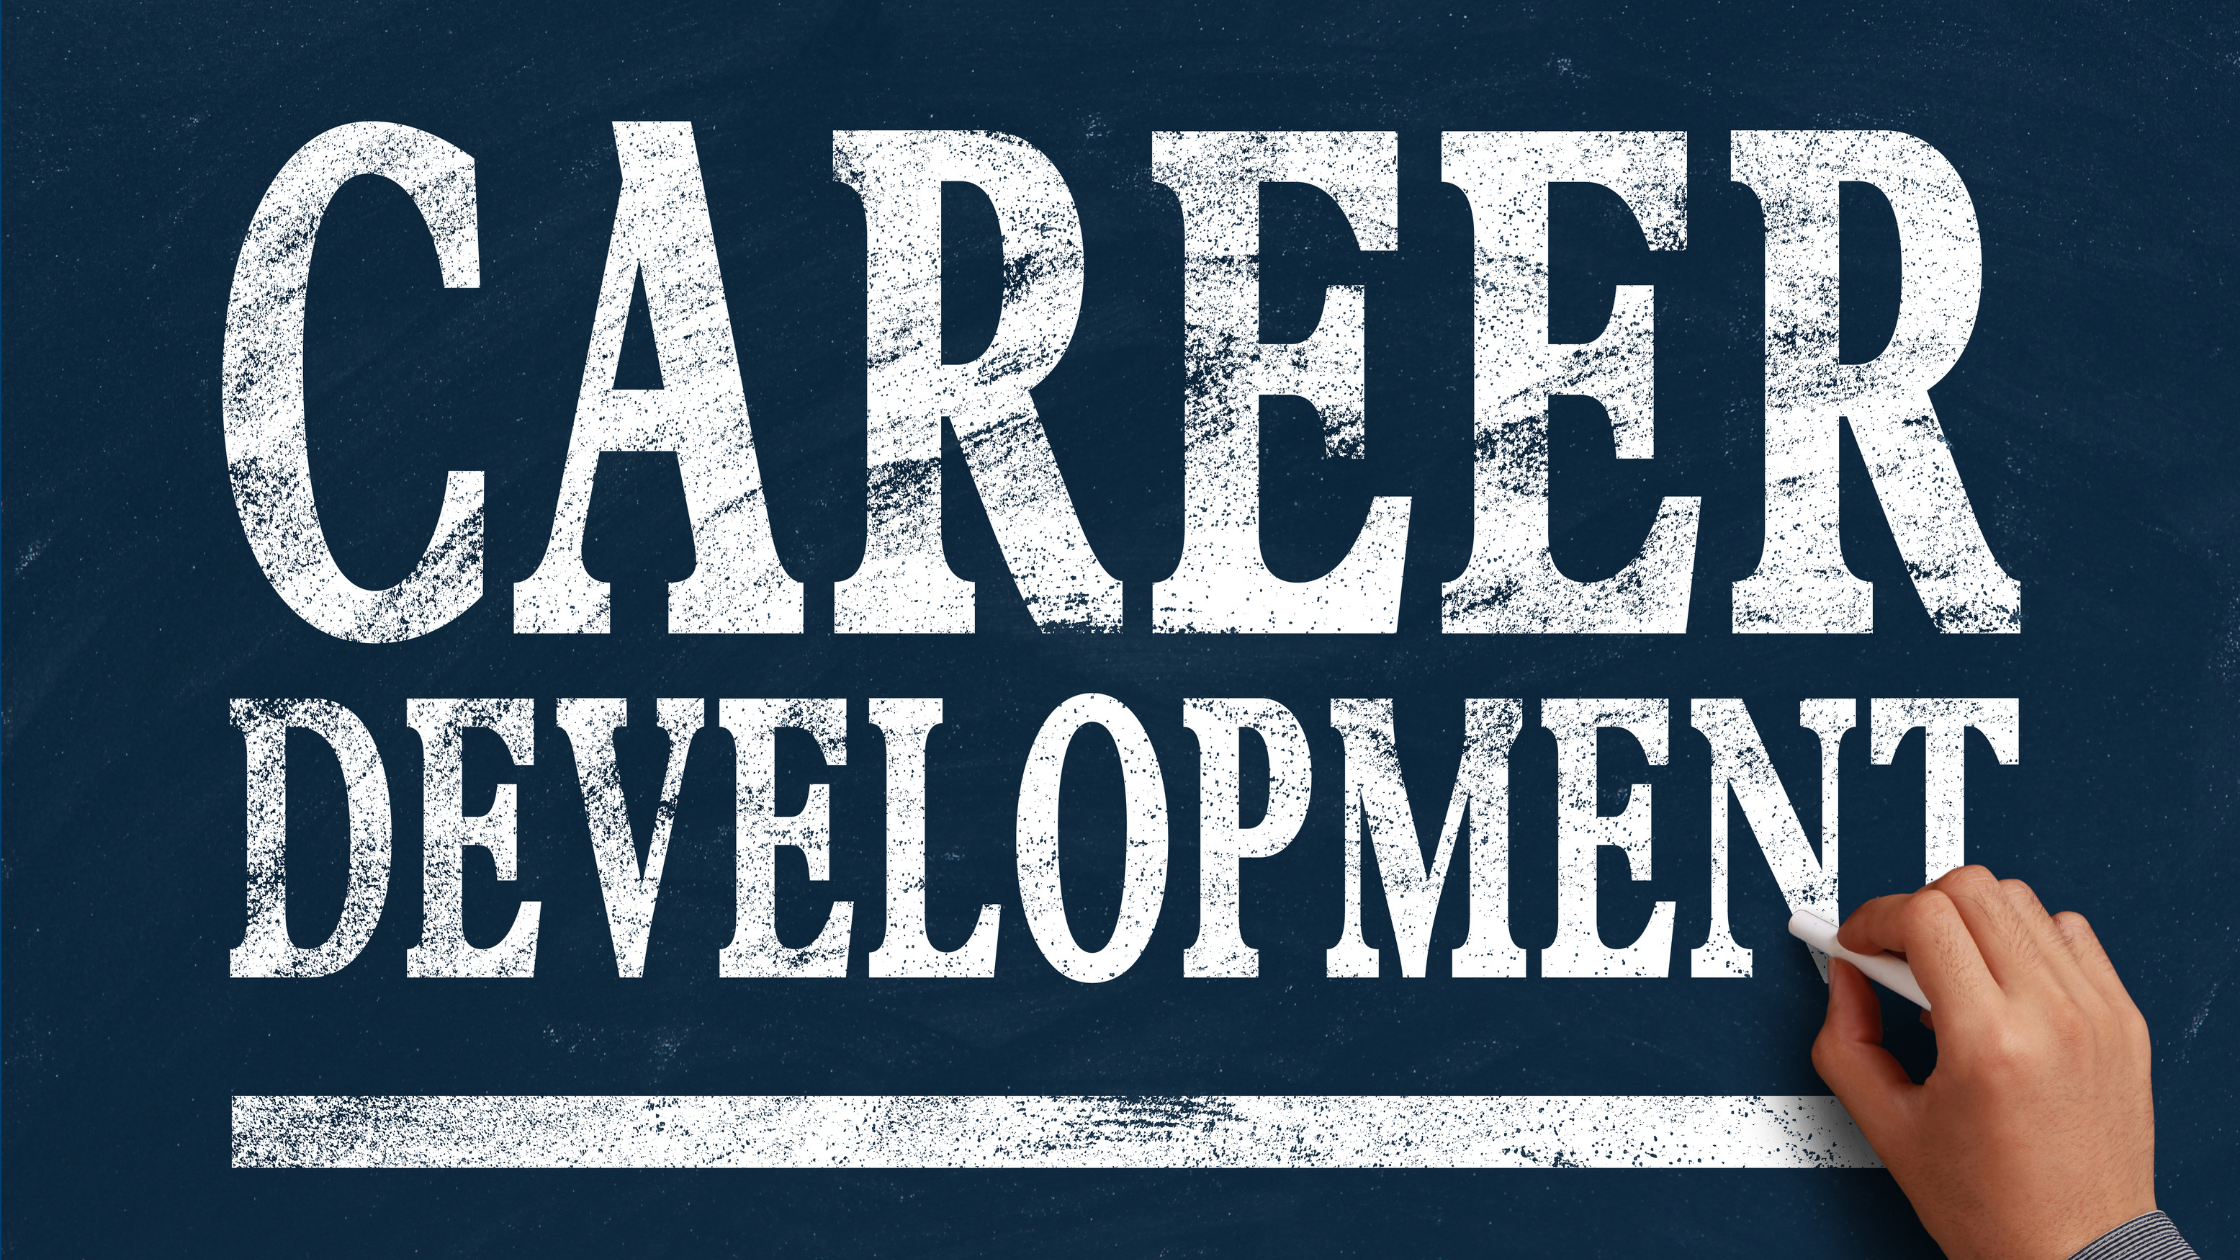 """the words """"career development"""" written on a chalkboard"""